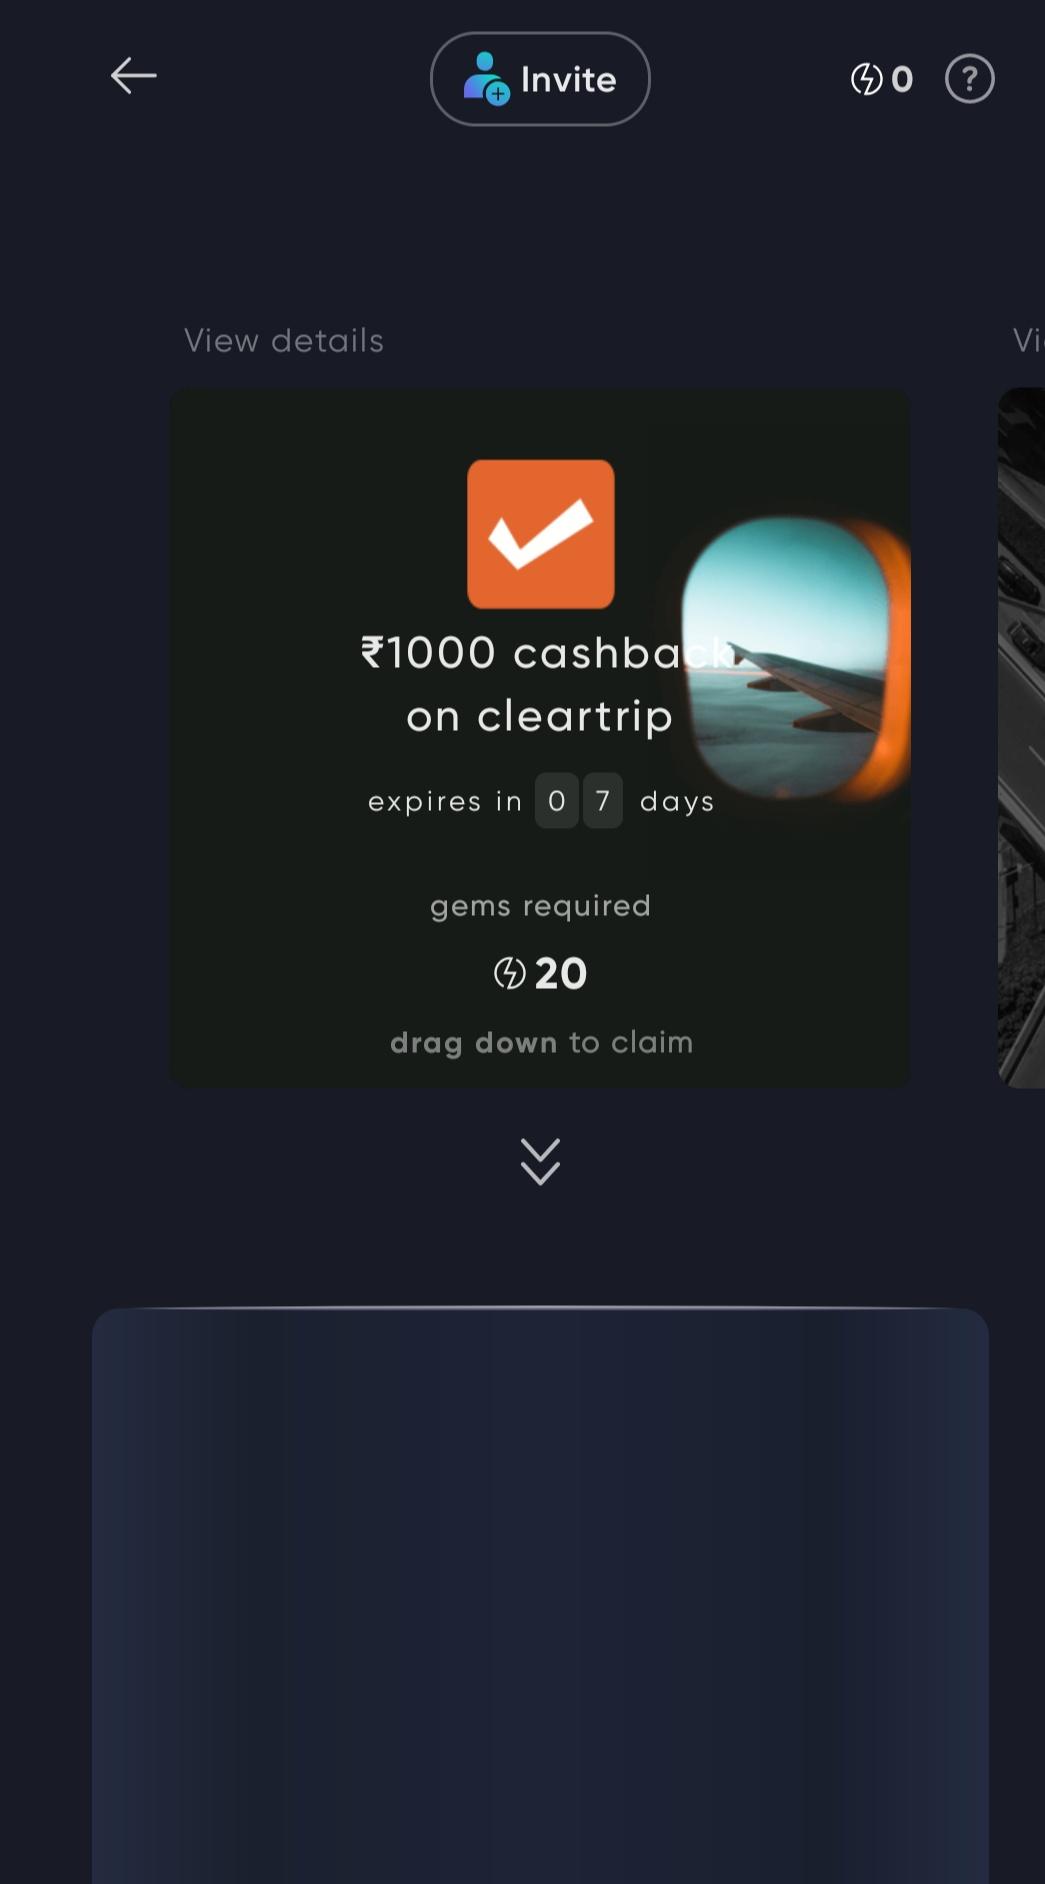 https://cdn0.desidime.com/attachments/photos/561312/original/Screenshot_2019-04-17-12-29-24-395_com.dreamplug.androidapp.png?1555484468